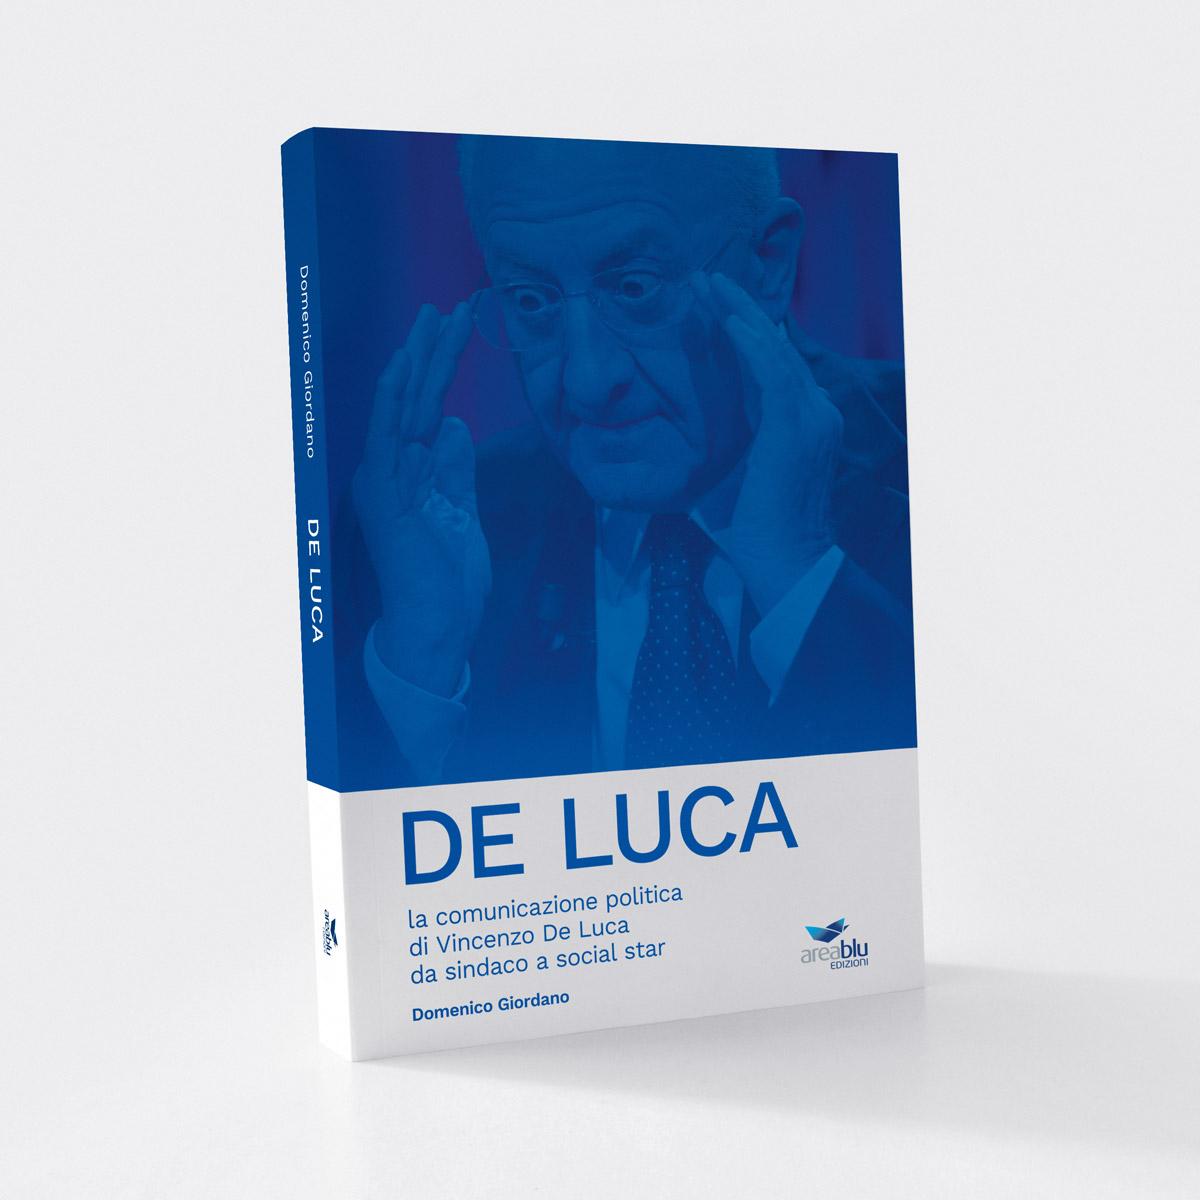 De Luca - Il libro di Domenico Giordano